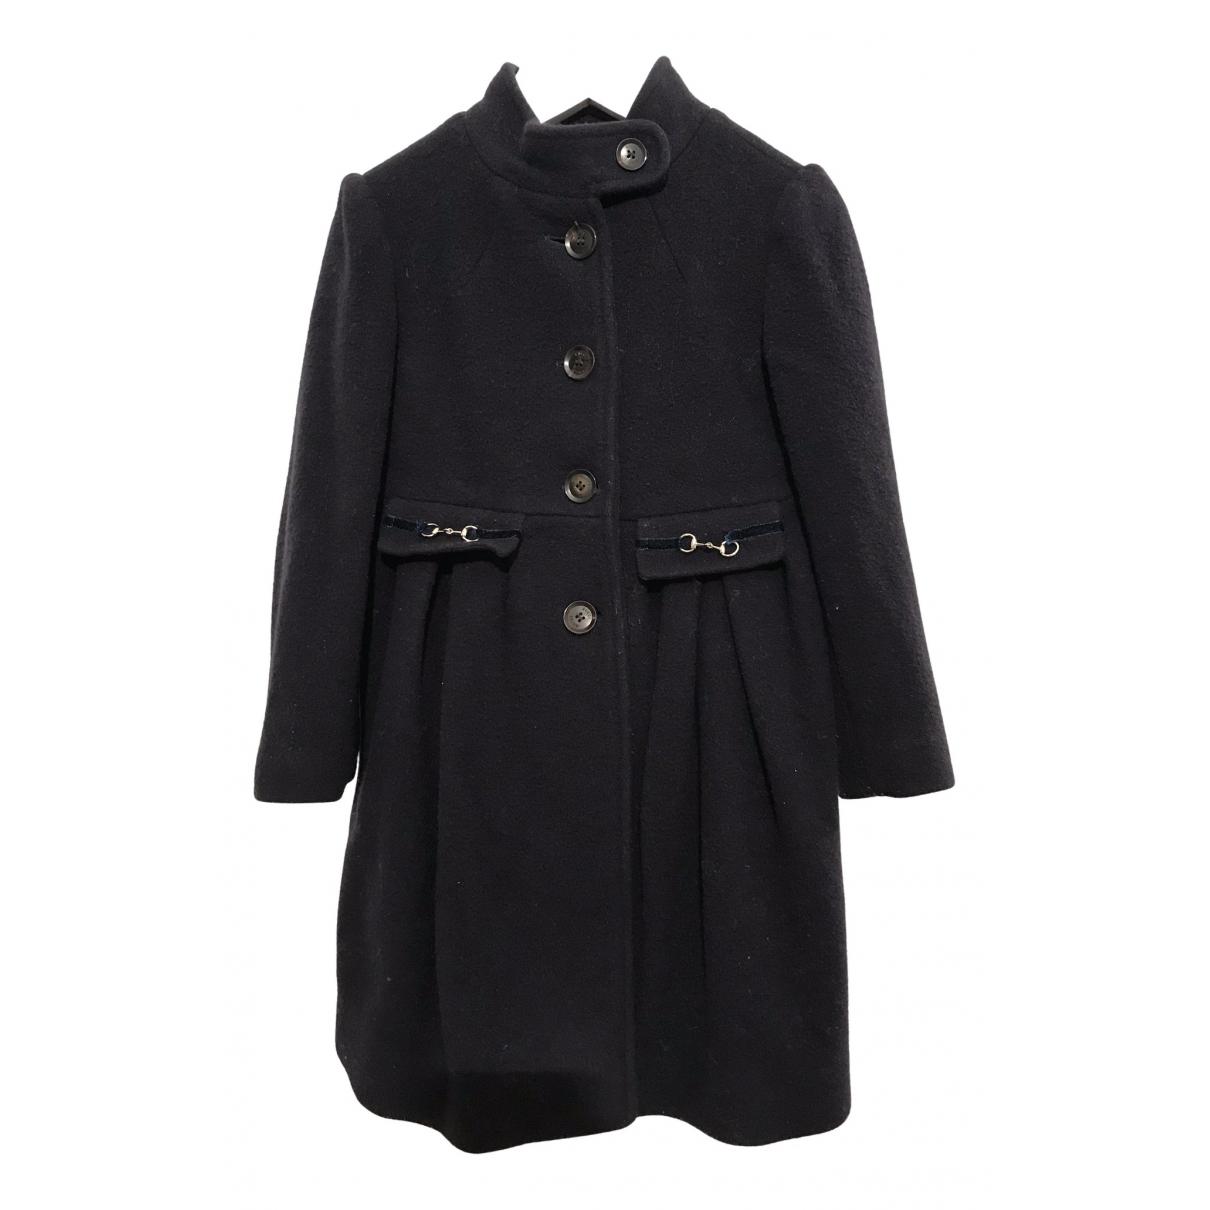 Gucci - Blousons.Manteaux   pour enfant en laine - bleu